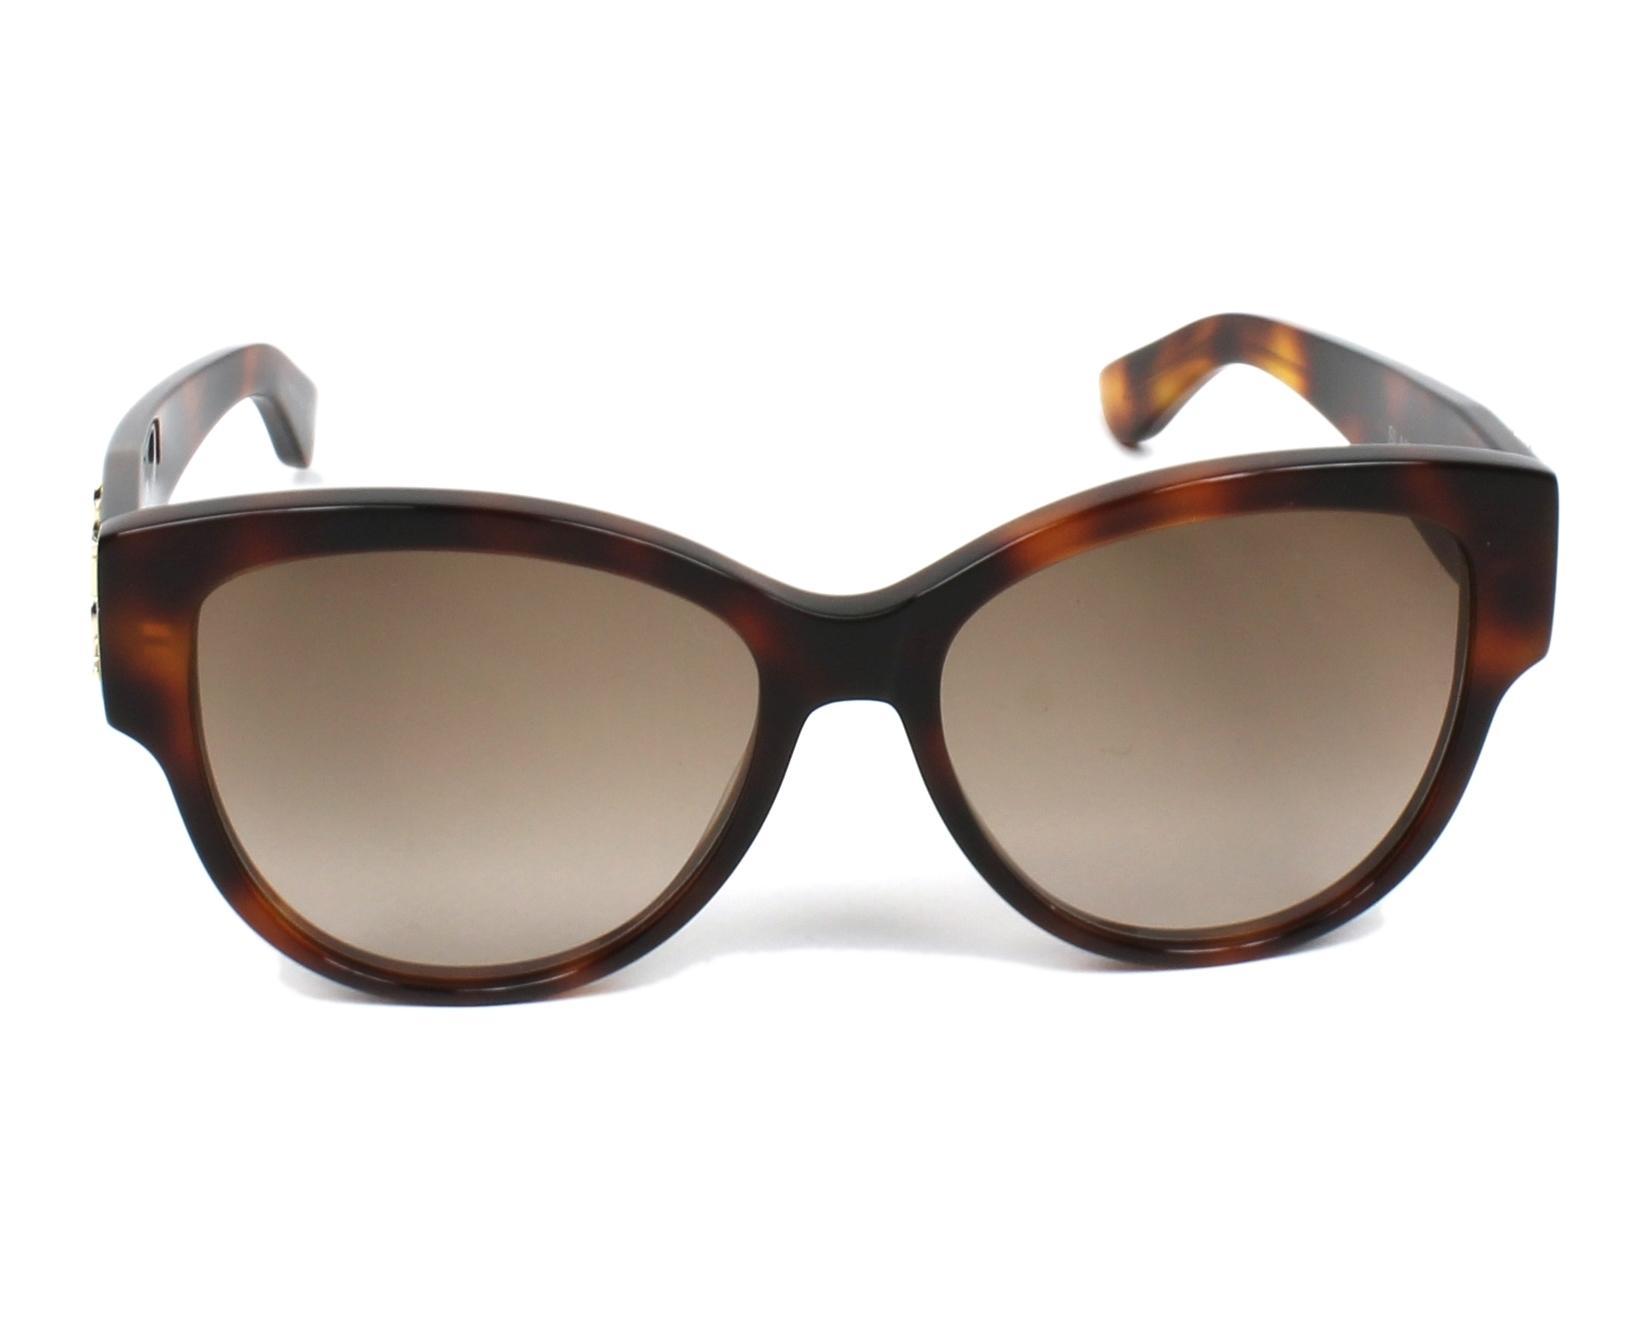 Yves saint laurent sunglasses slm 3 005 havana visionet for Miroir yves saint laurent